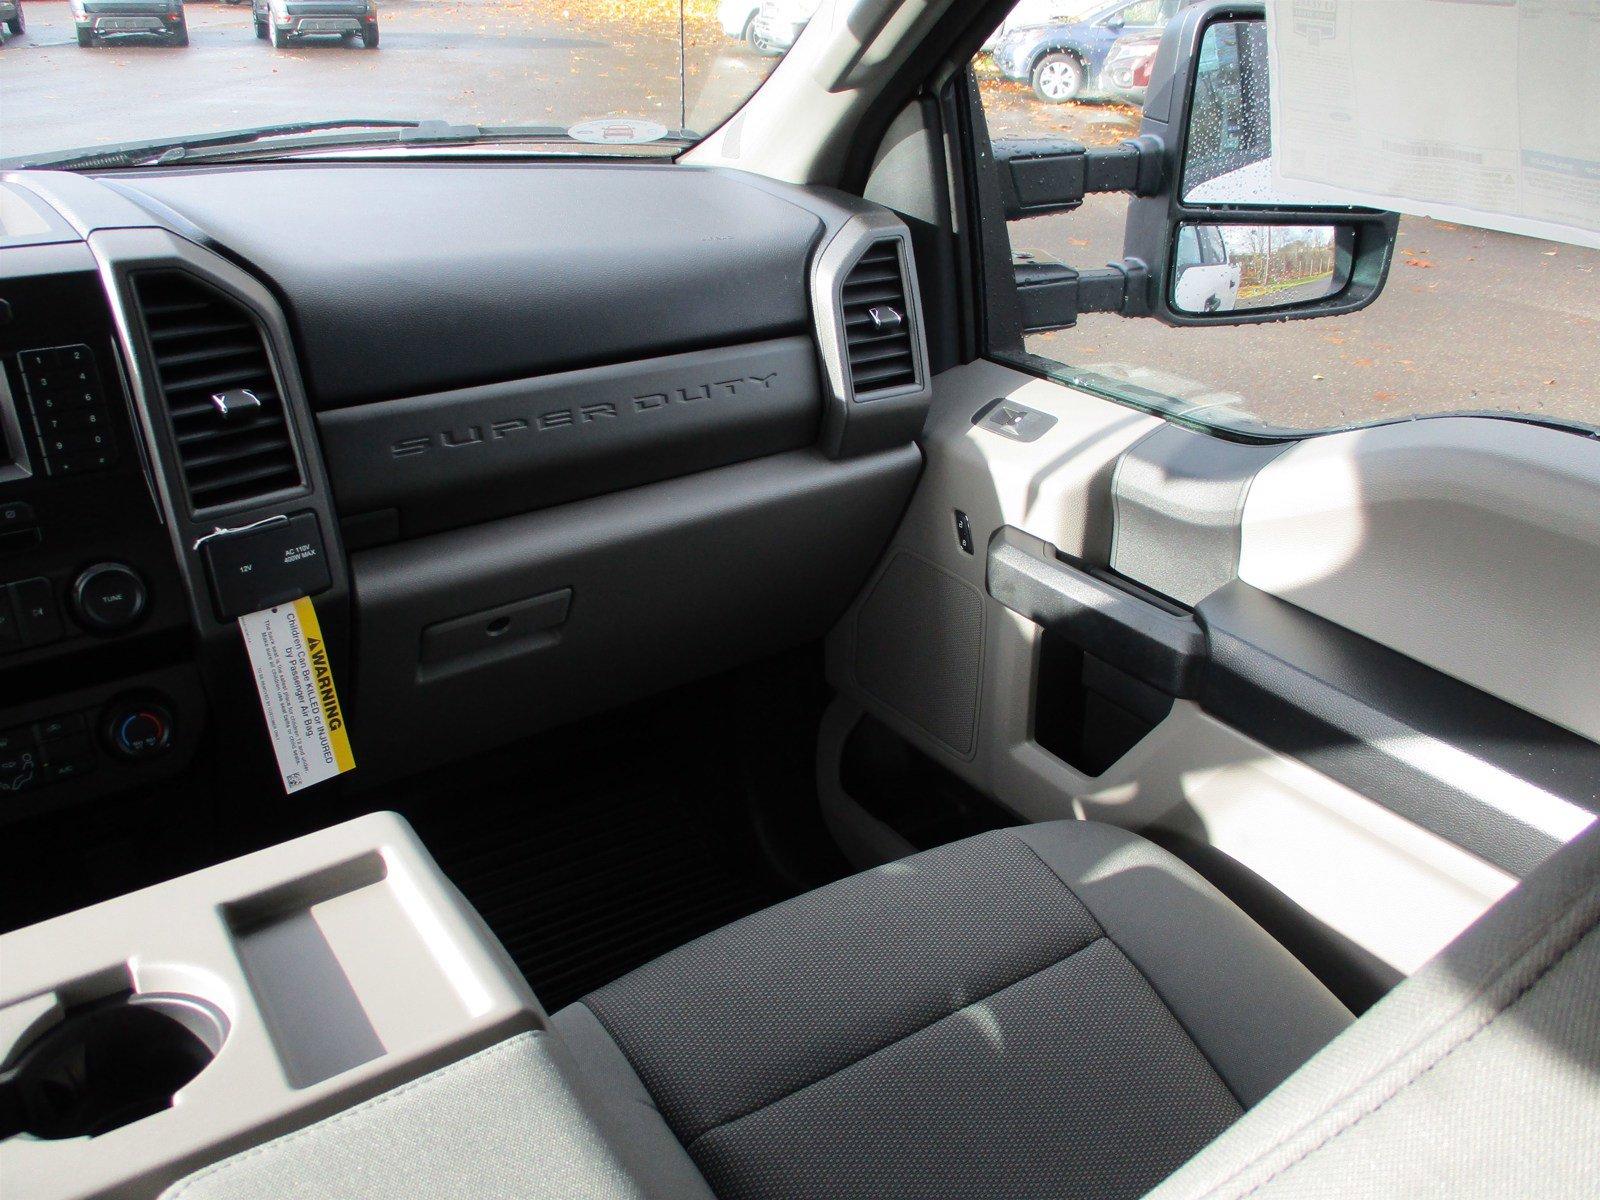 New 2020 Ford Super Duty F-250 SRW XL 4WD Crew Cab 8' Box